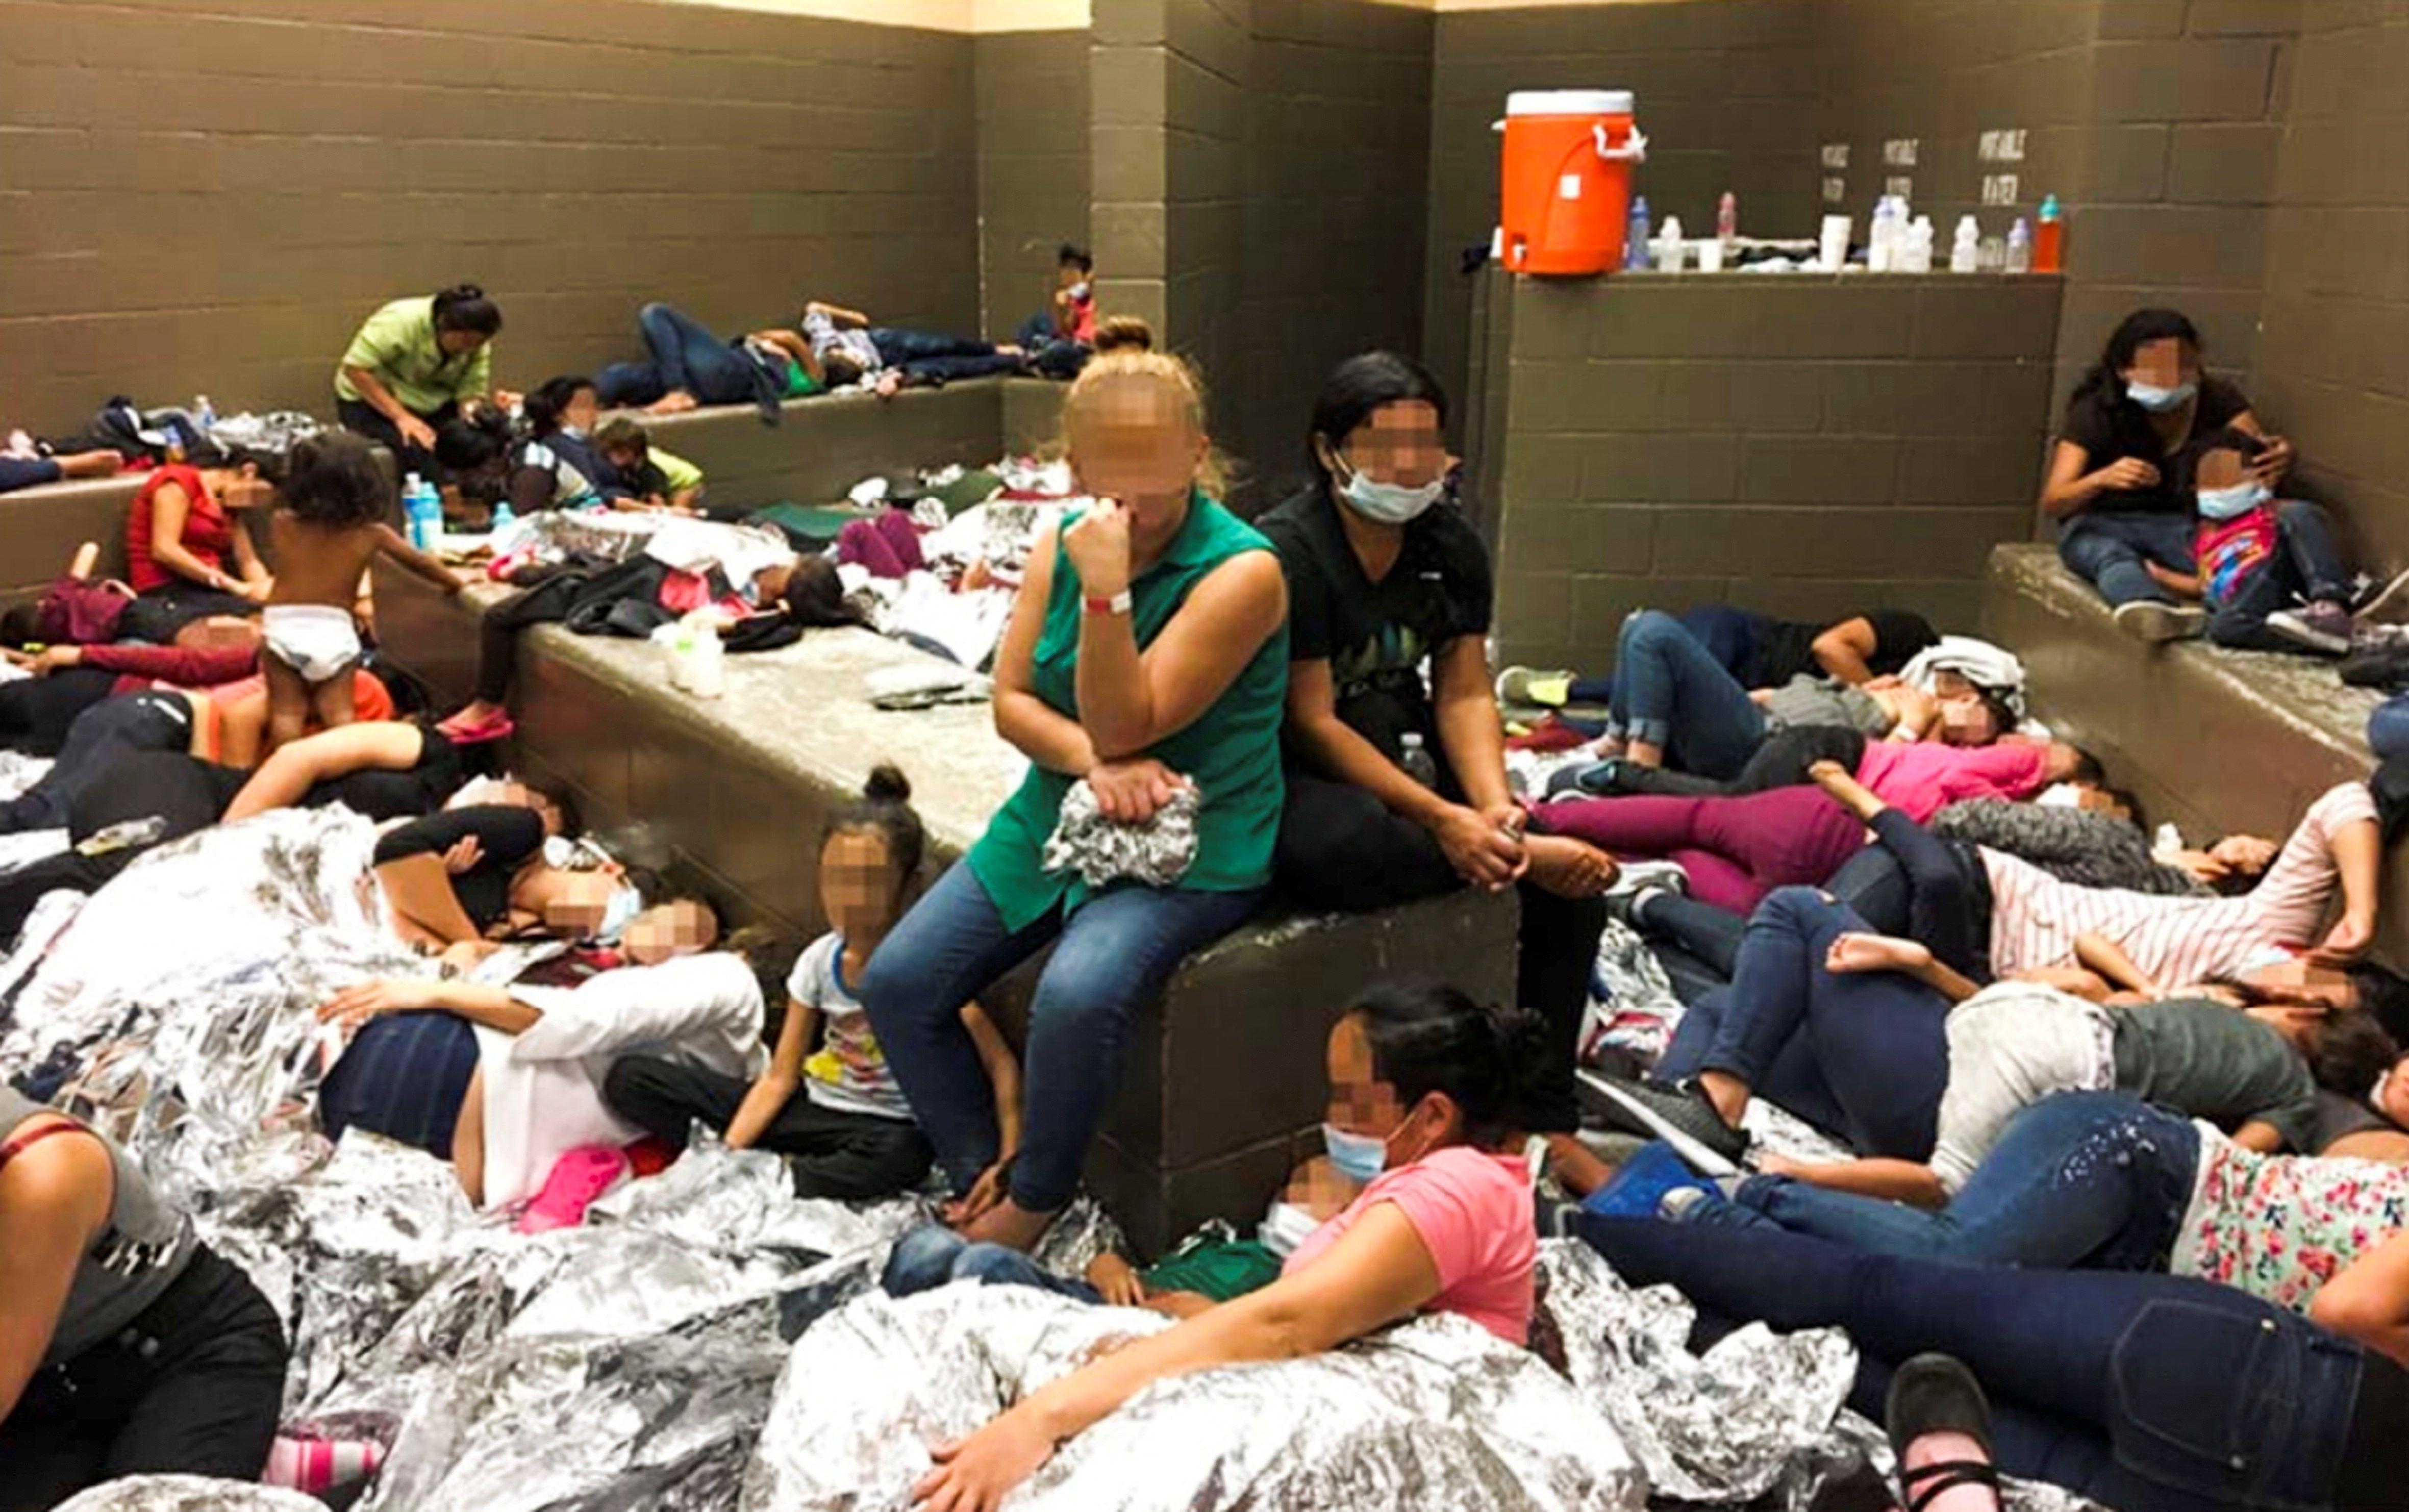 Hacinamiento en centros de detención de migrantes. Foto: EFE